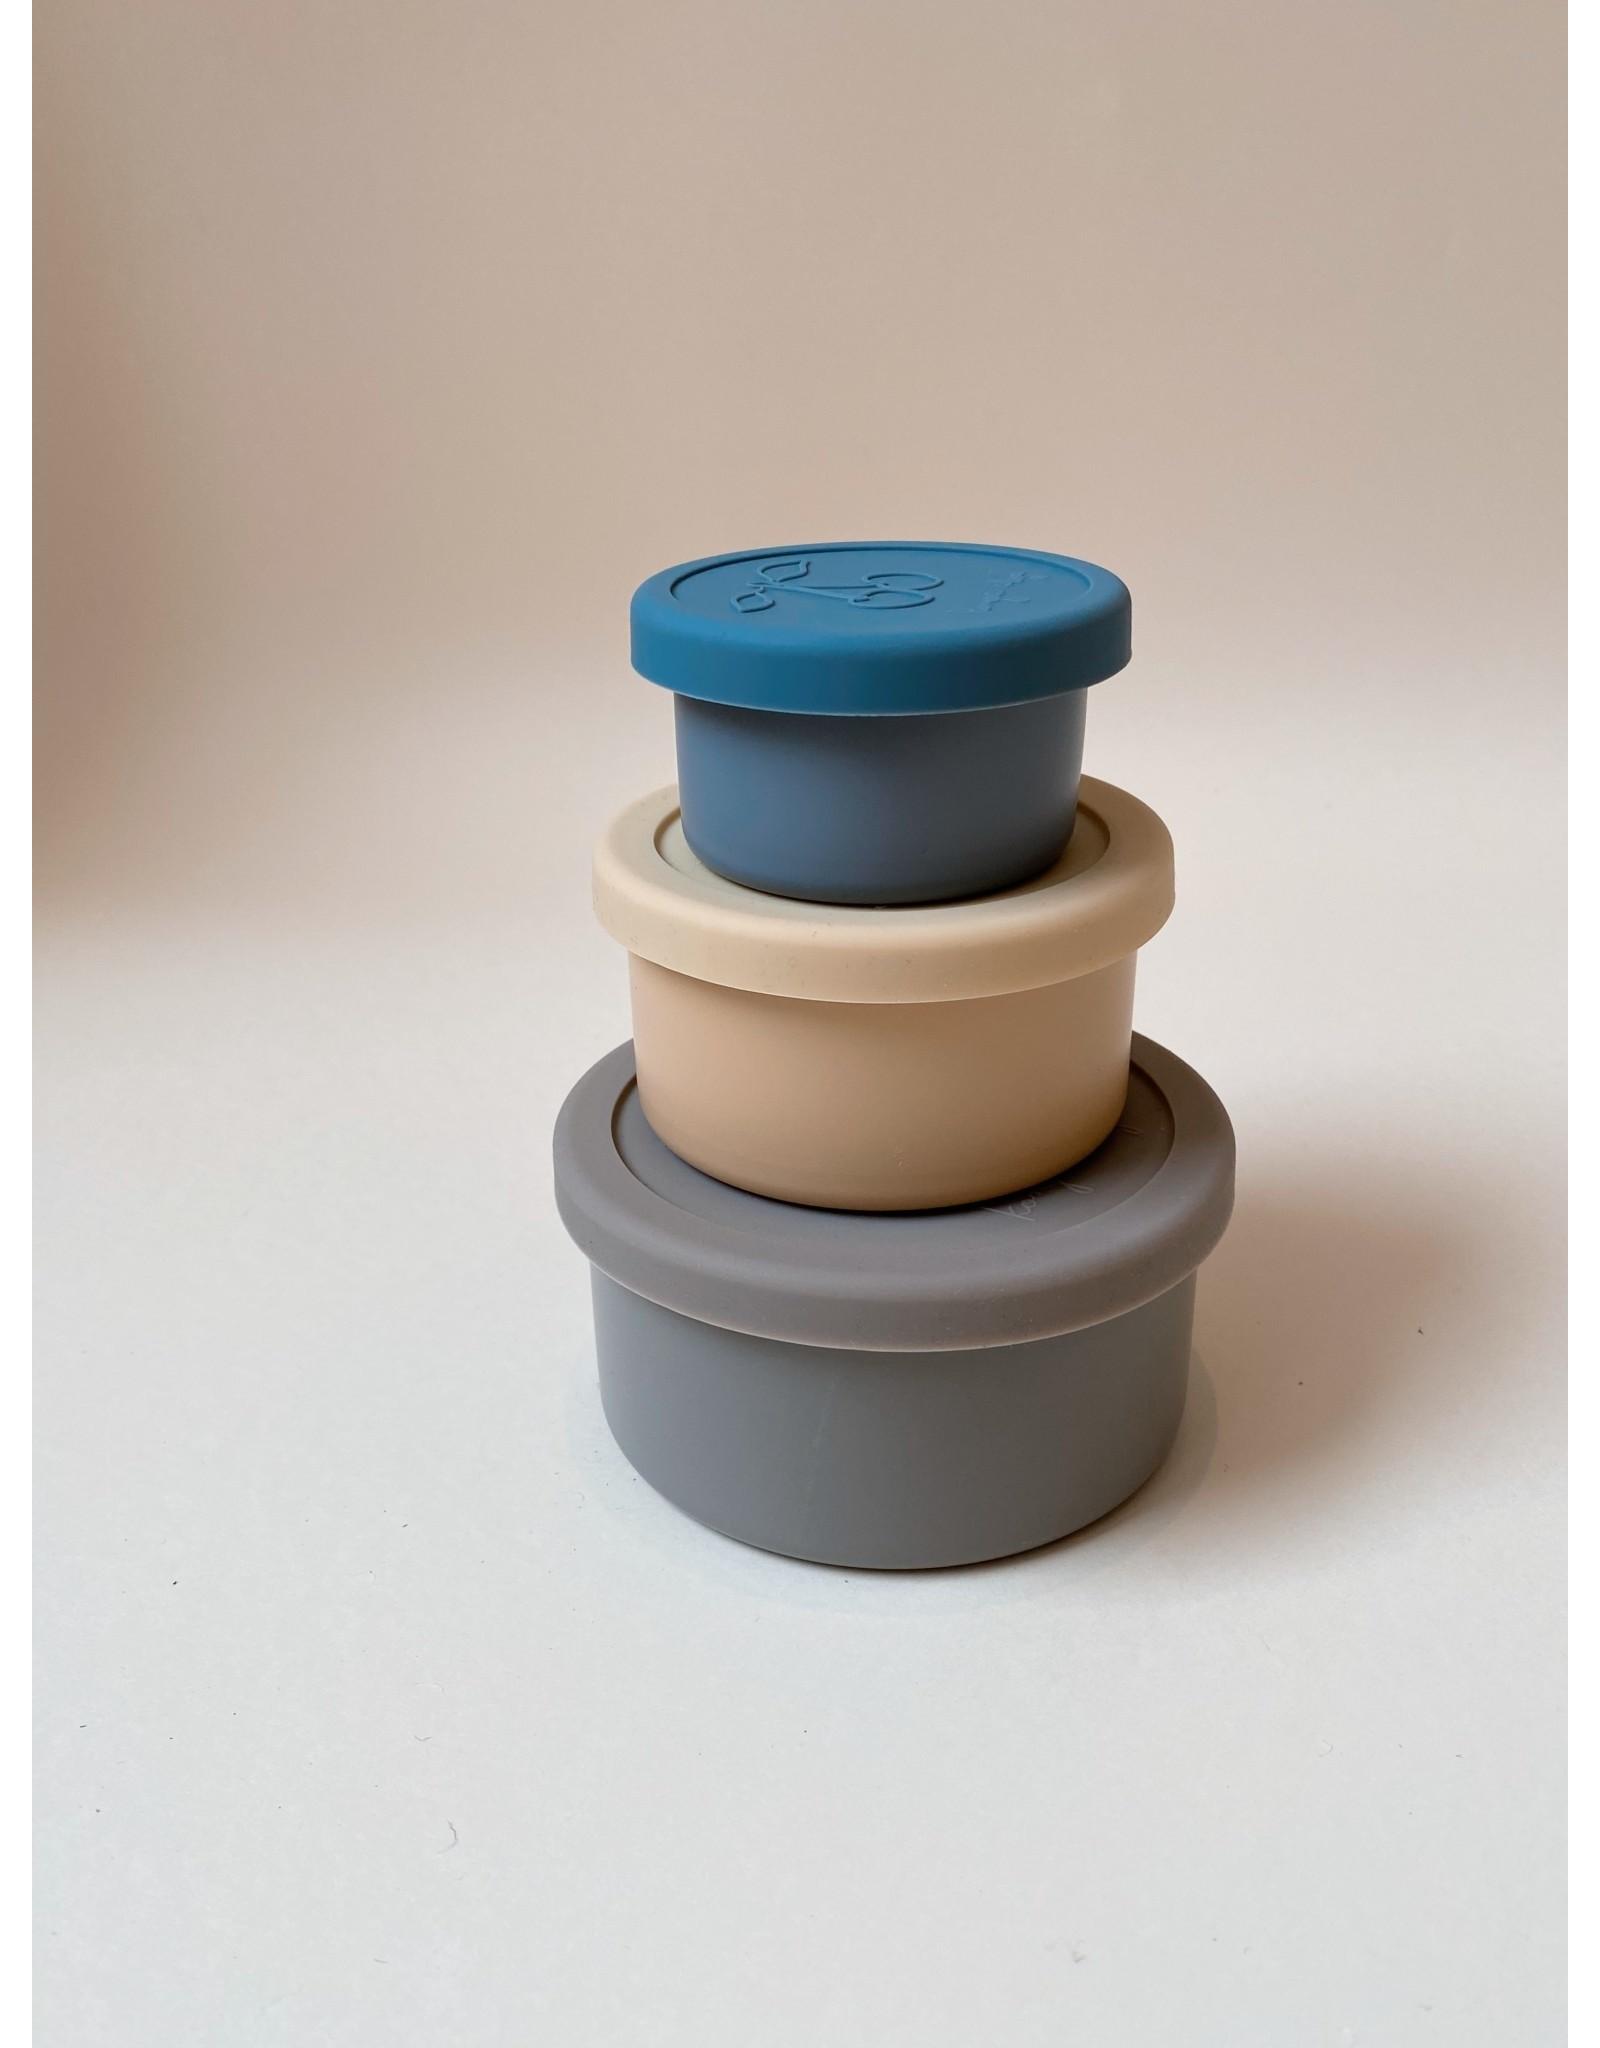 Konges Slojd 3 boites à encas en acier inoxydable - Bleu